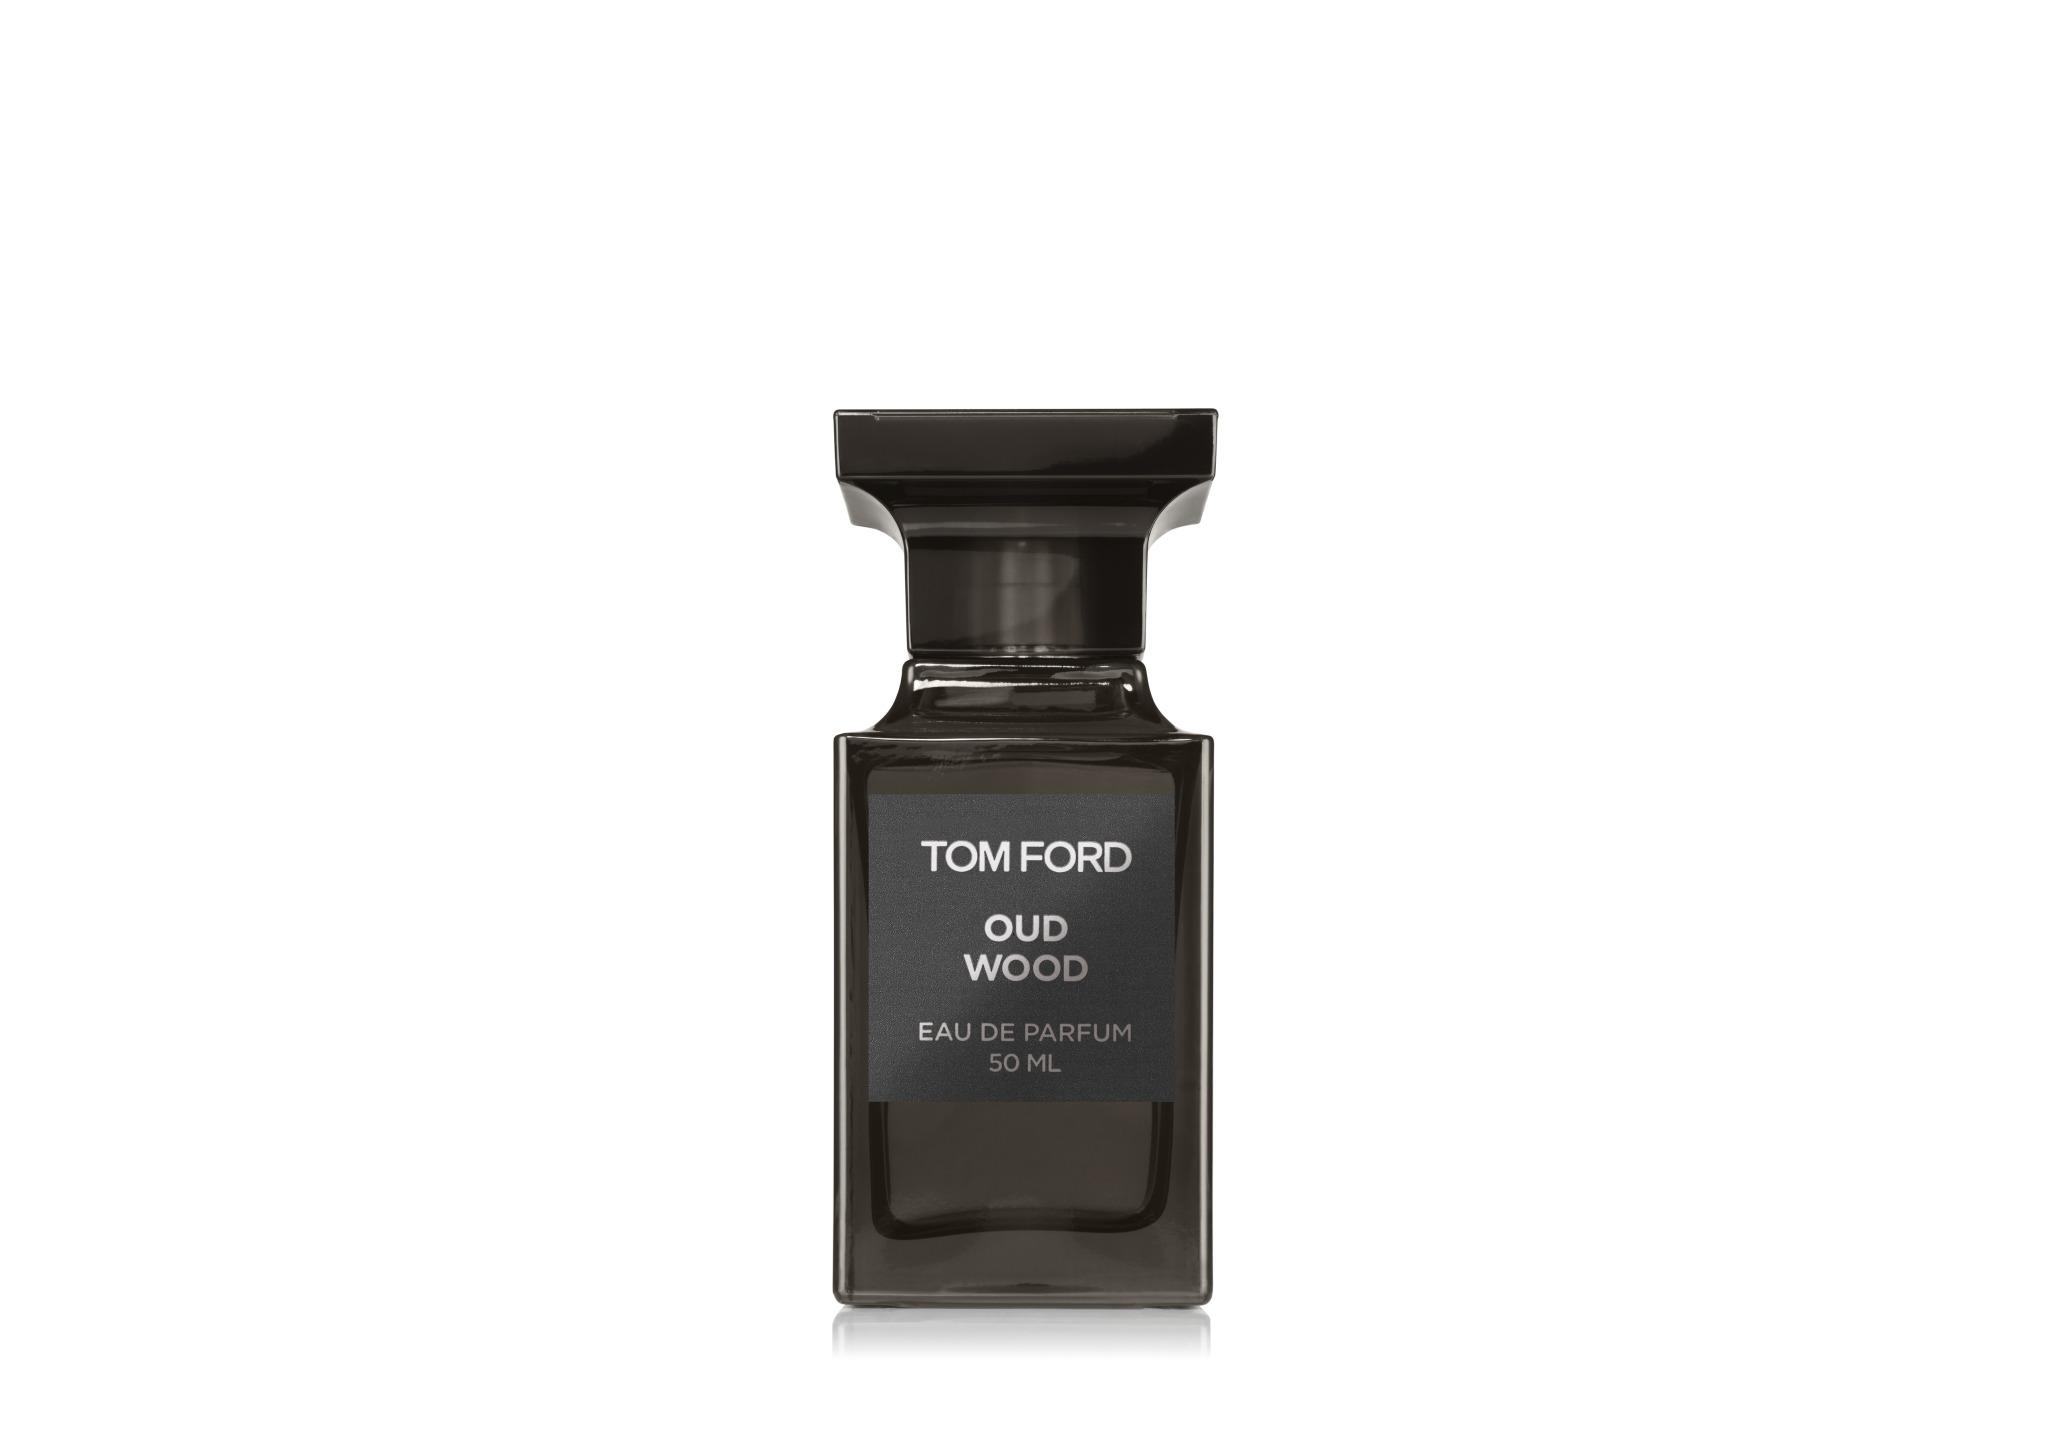 Tom Ford Oud Wood EDP, 50 ml